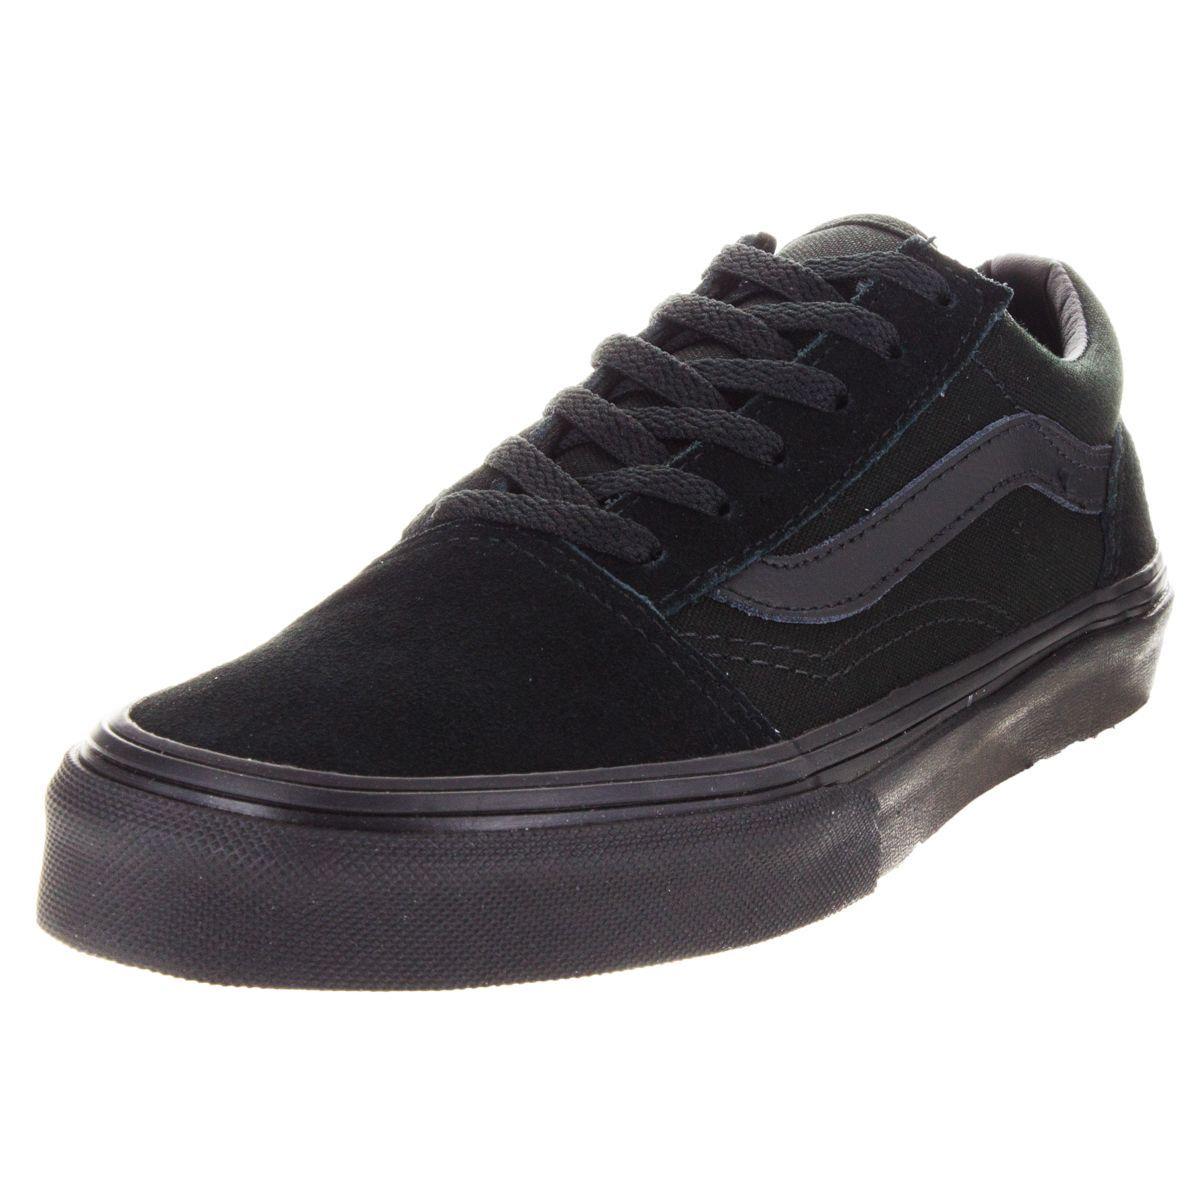 8fa36409b3 Vans Kid s Old Skool   Skate Shoe